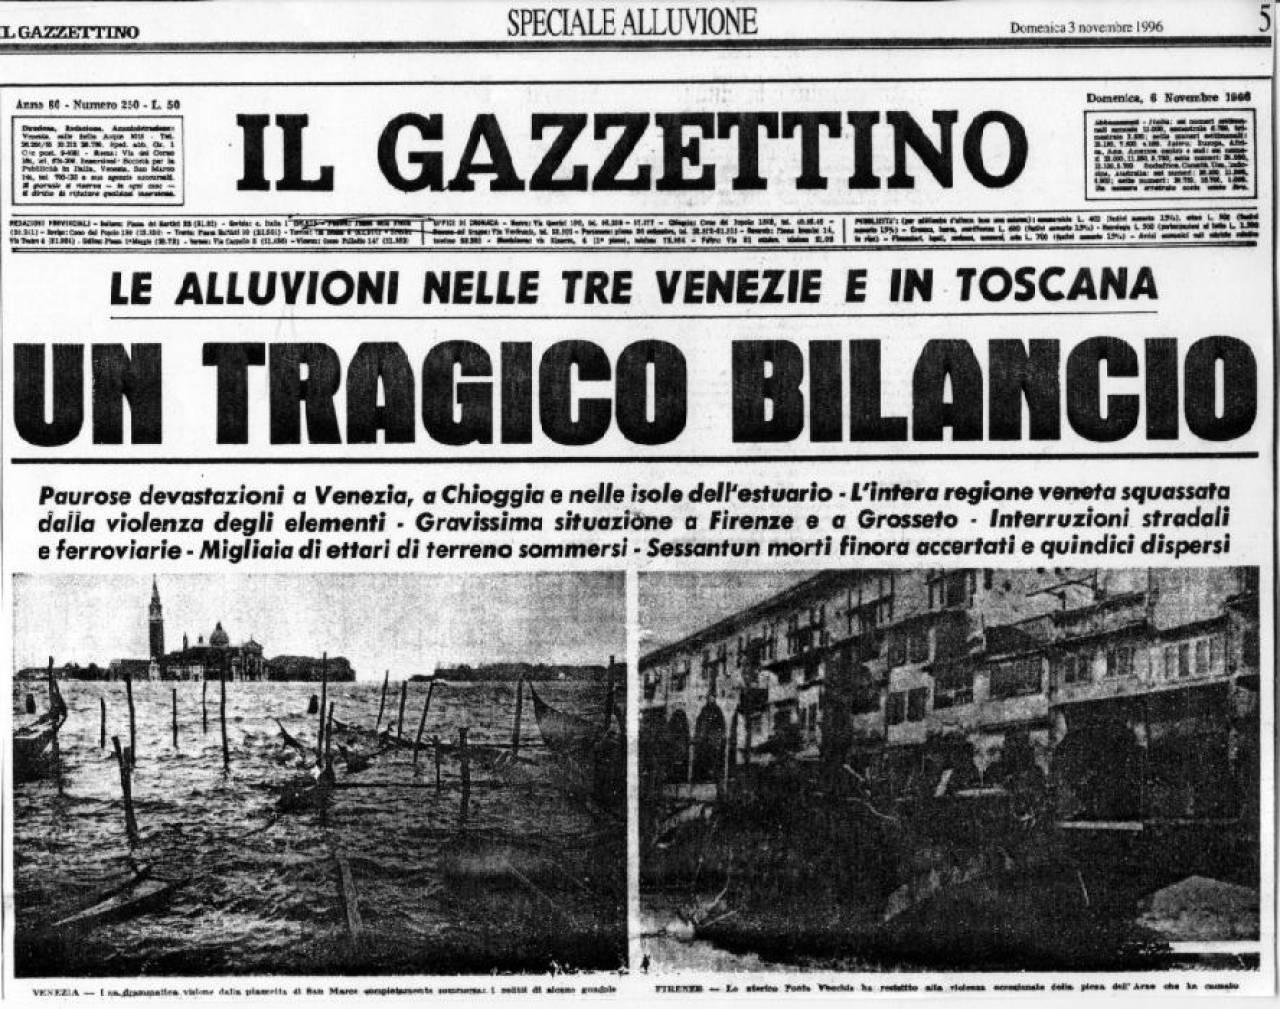 il-gazzettino-giorno-4-novembre-1966-3bmeteo-68090